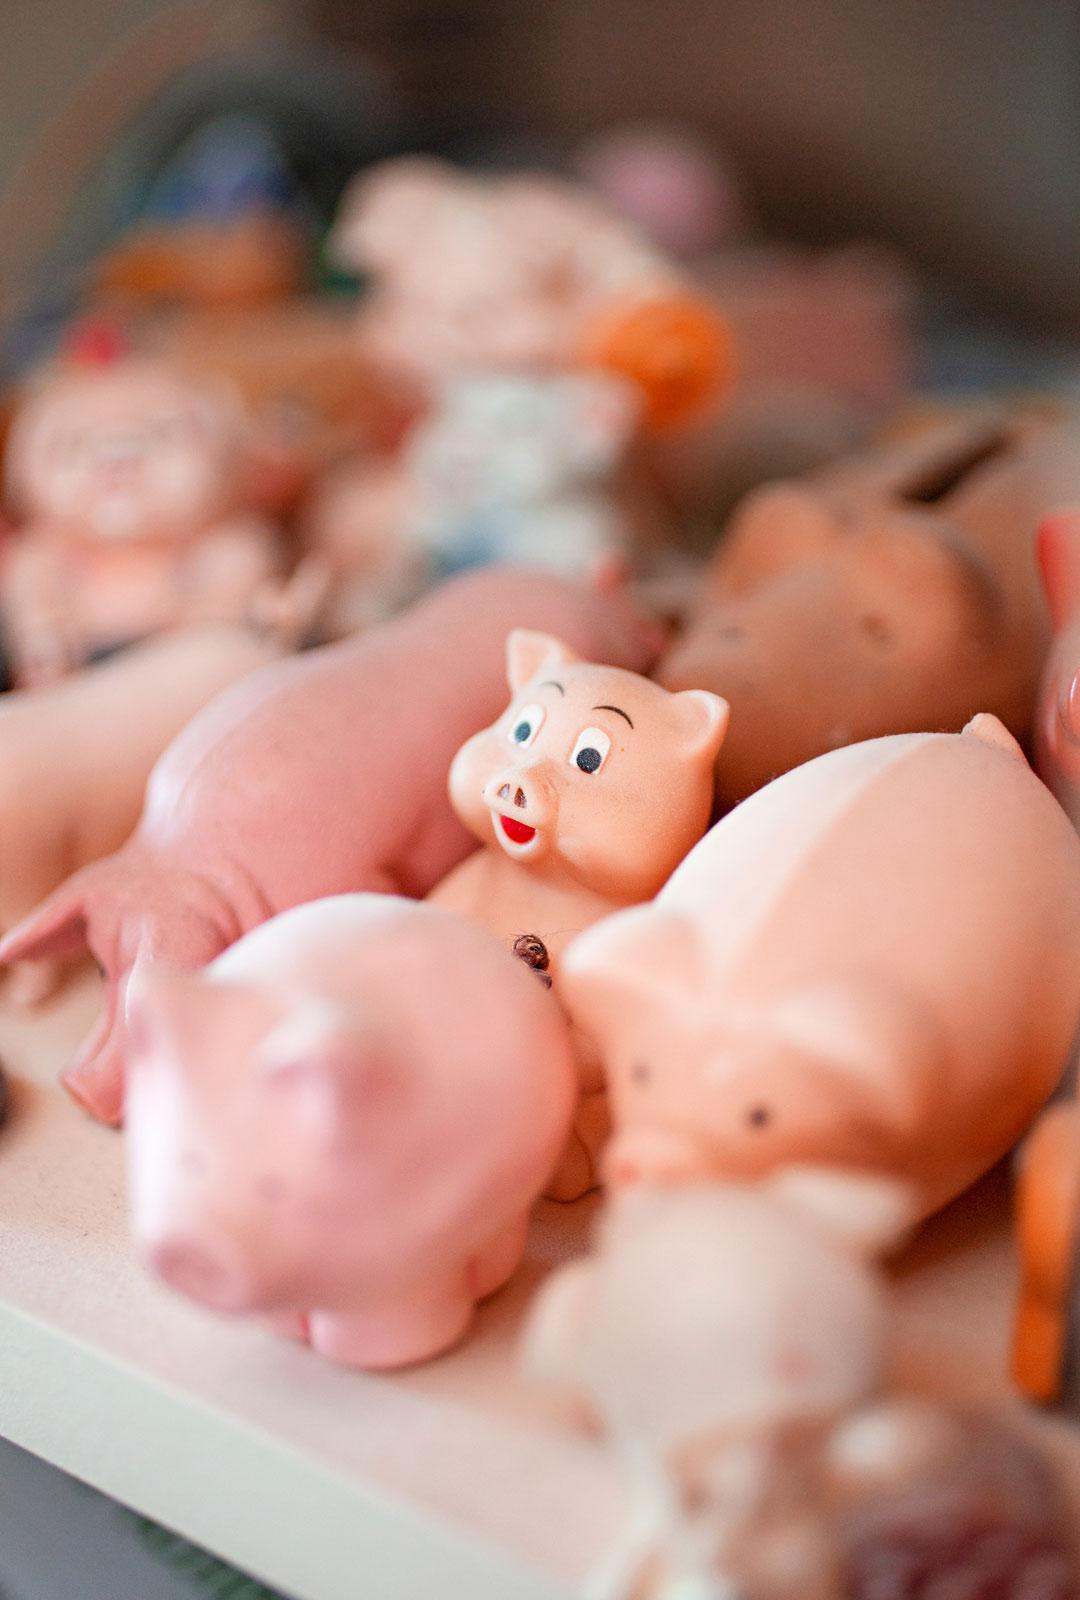 Markun sikakokoelmaan kuuluu noin 500-600 erilaista porsasta.